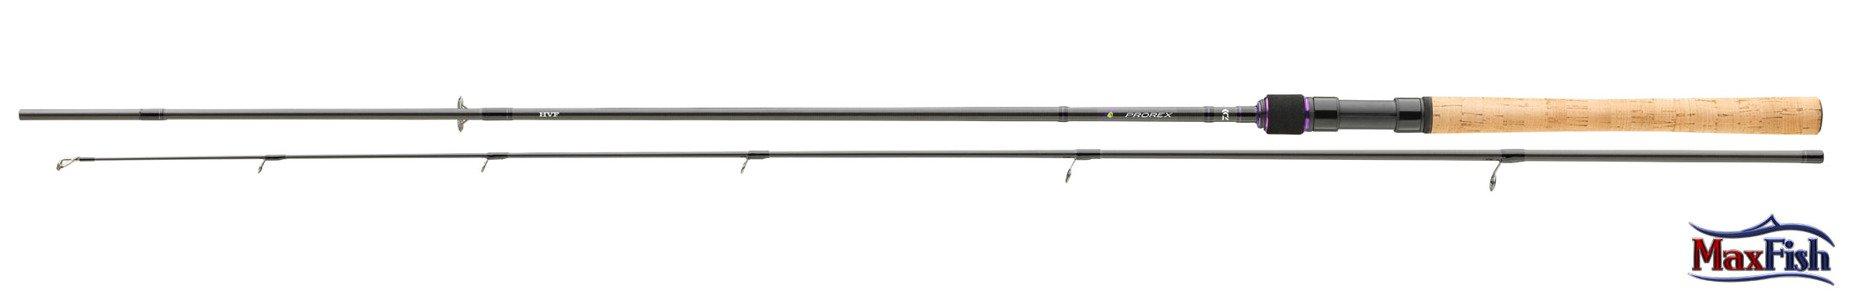 Daiwa Prorex S Spin  240cm 10-30g